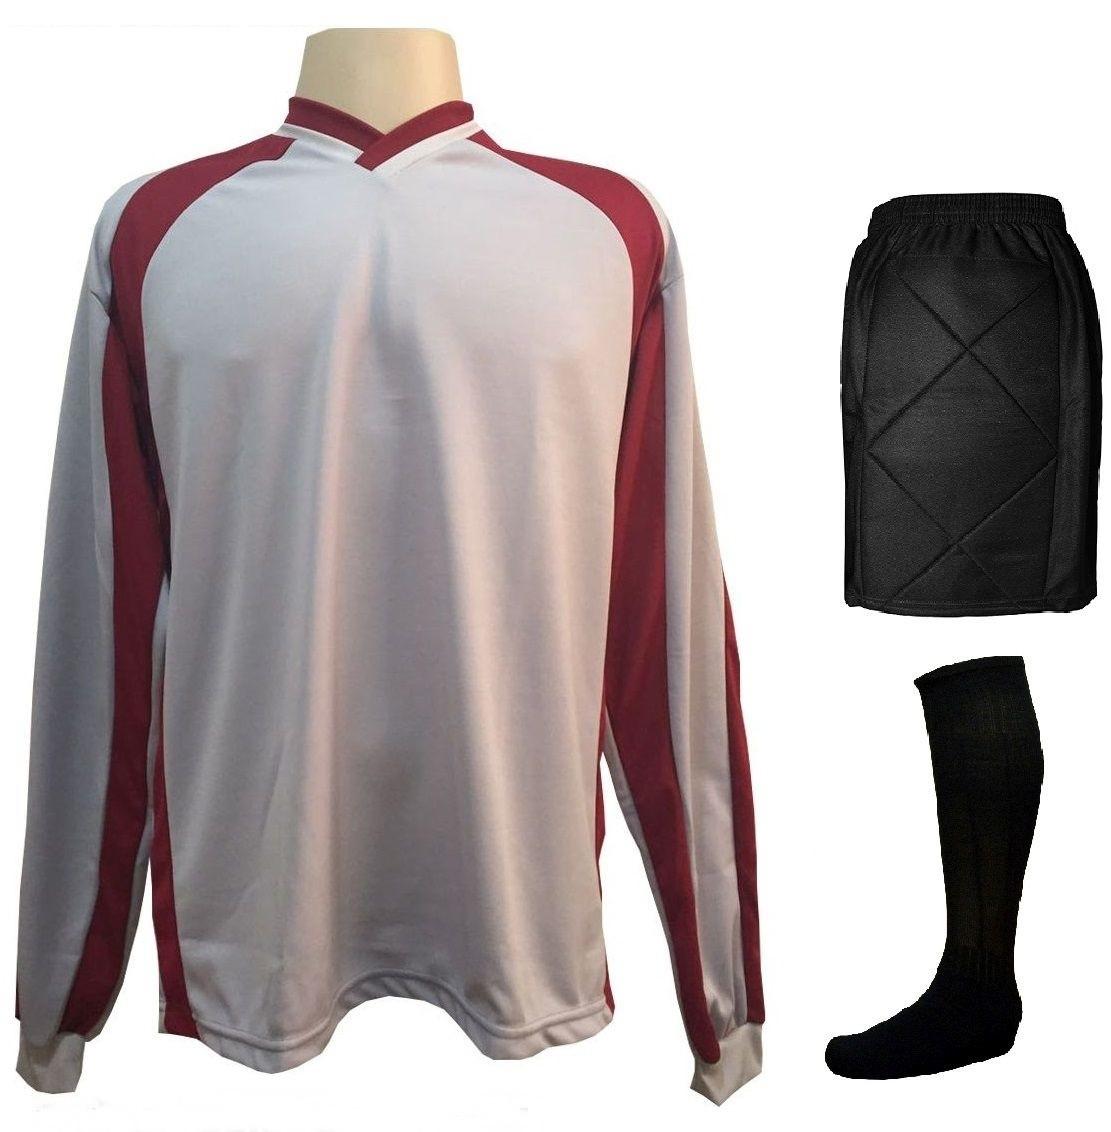 Fardamento Completo modelo Milan 20+1 (20 camisas Vermelho/Branco + 20 calções modelo Madrid Vermelho + 20 pares de meiões Branco + 1 conjunto de goleiro) + Brindes